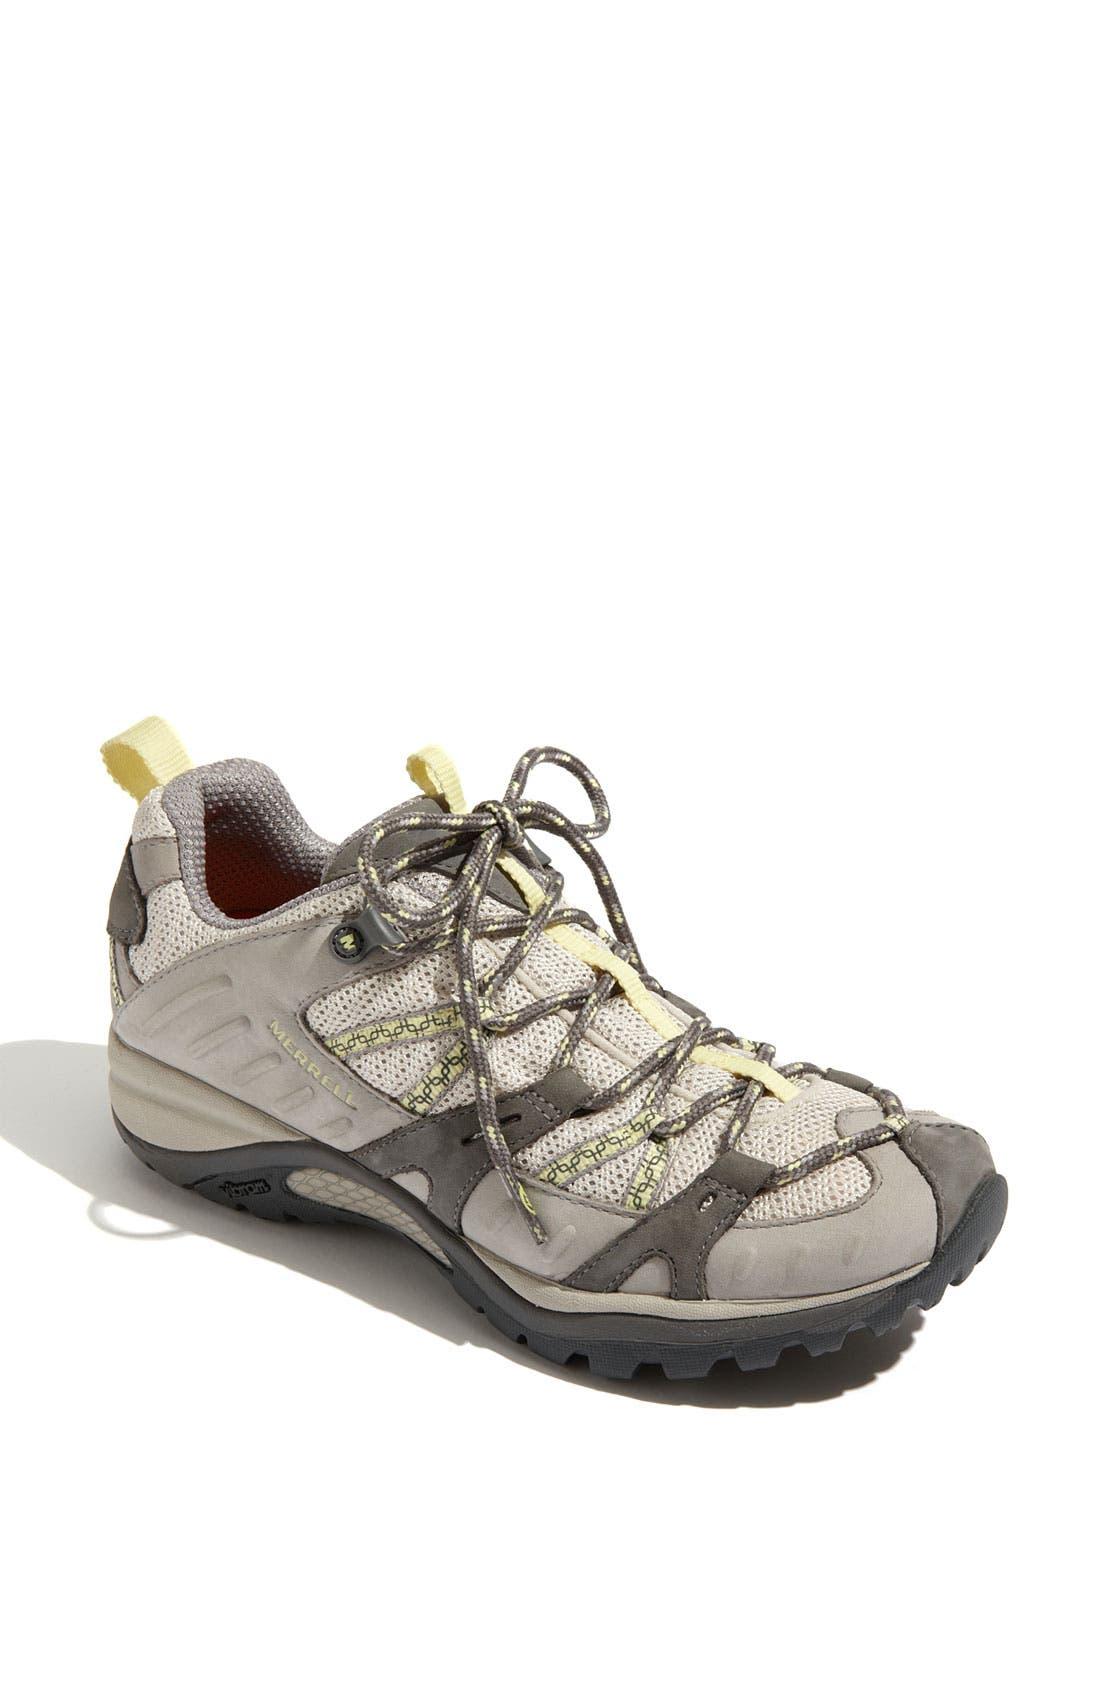 Main Image - Merrell 'Siren Sport' Outdoor Shoe (Women)